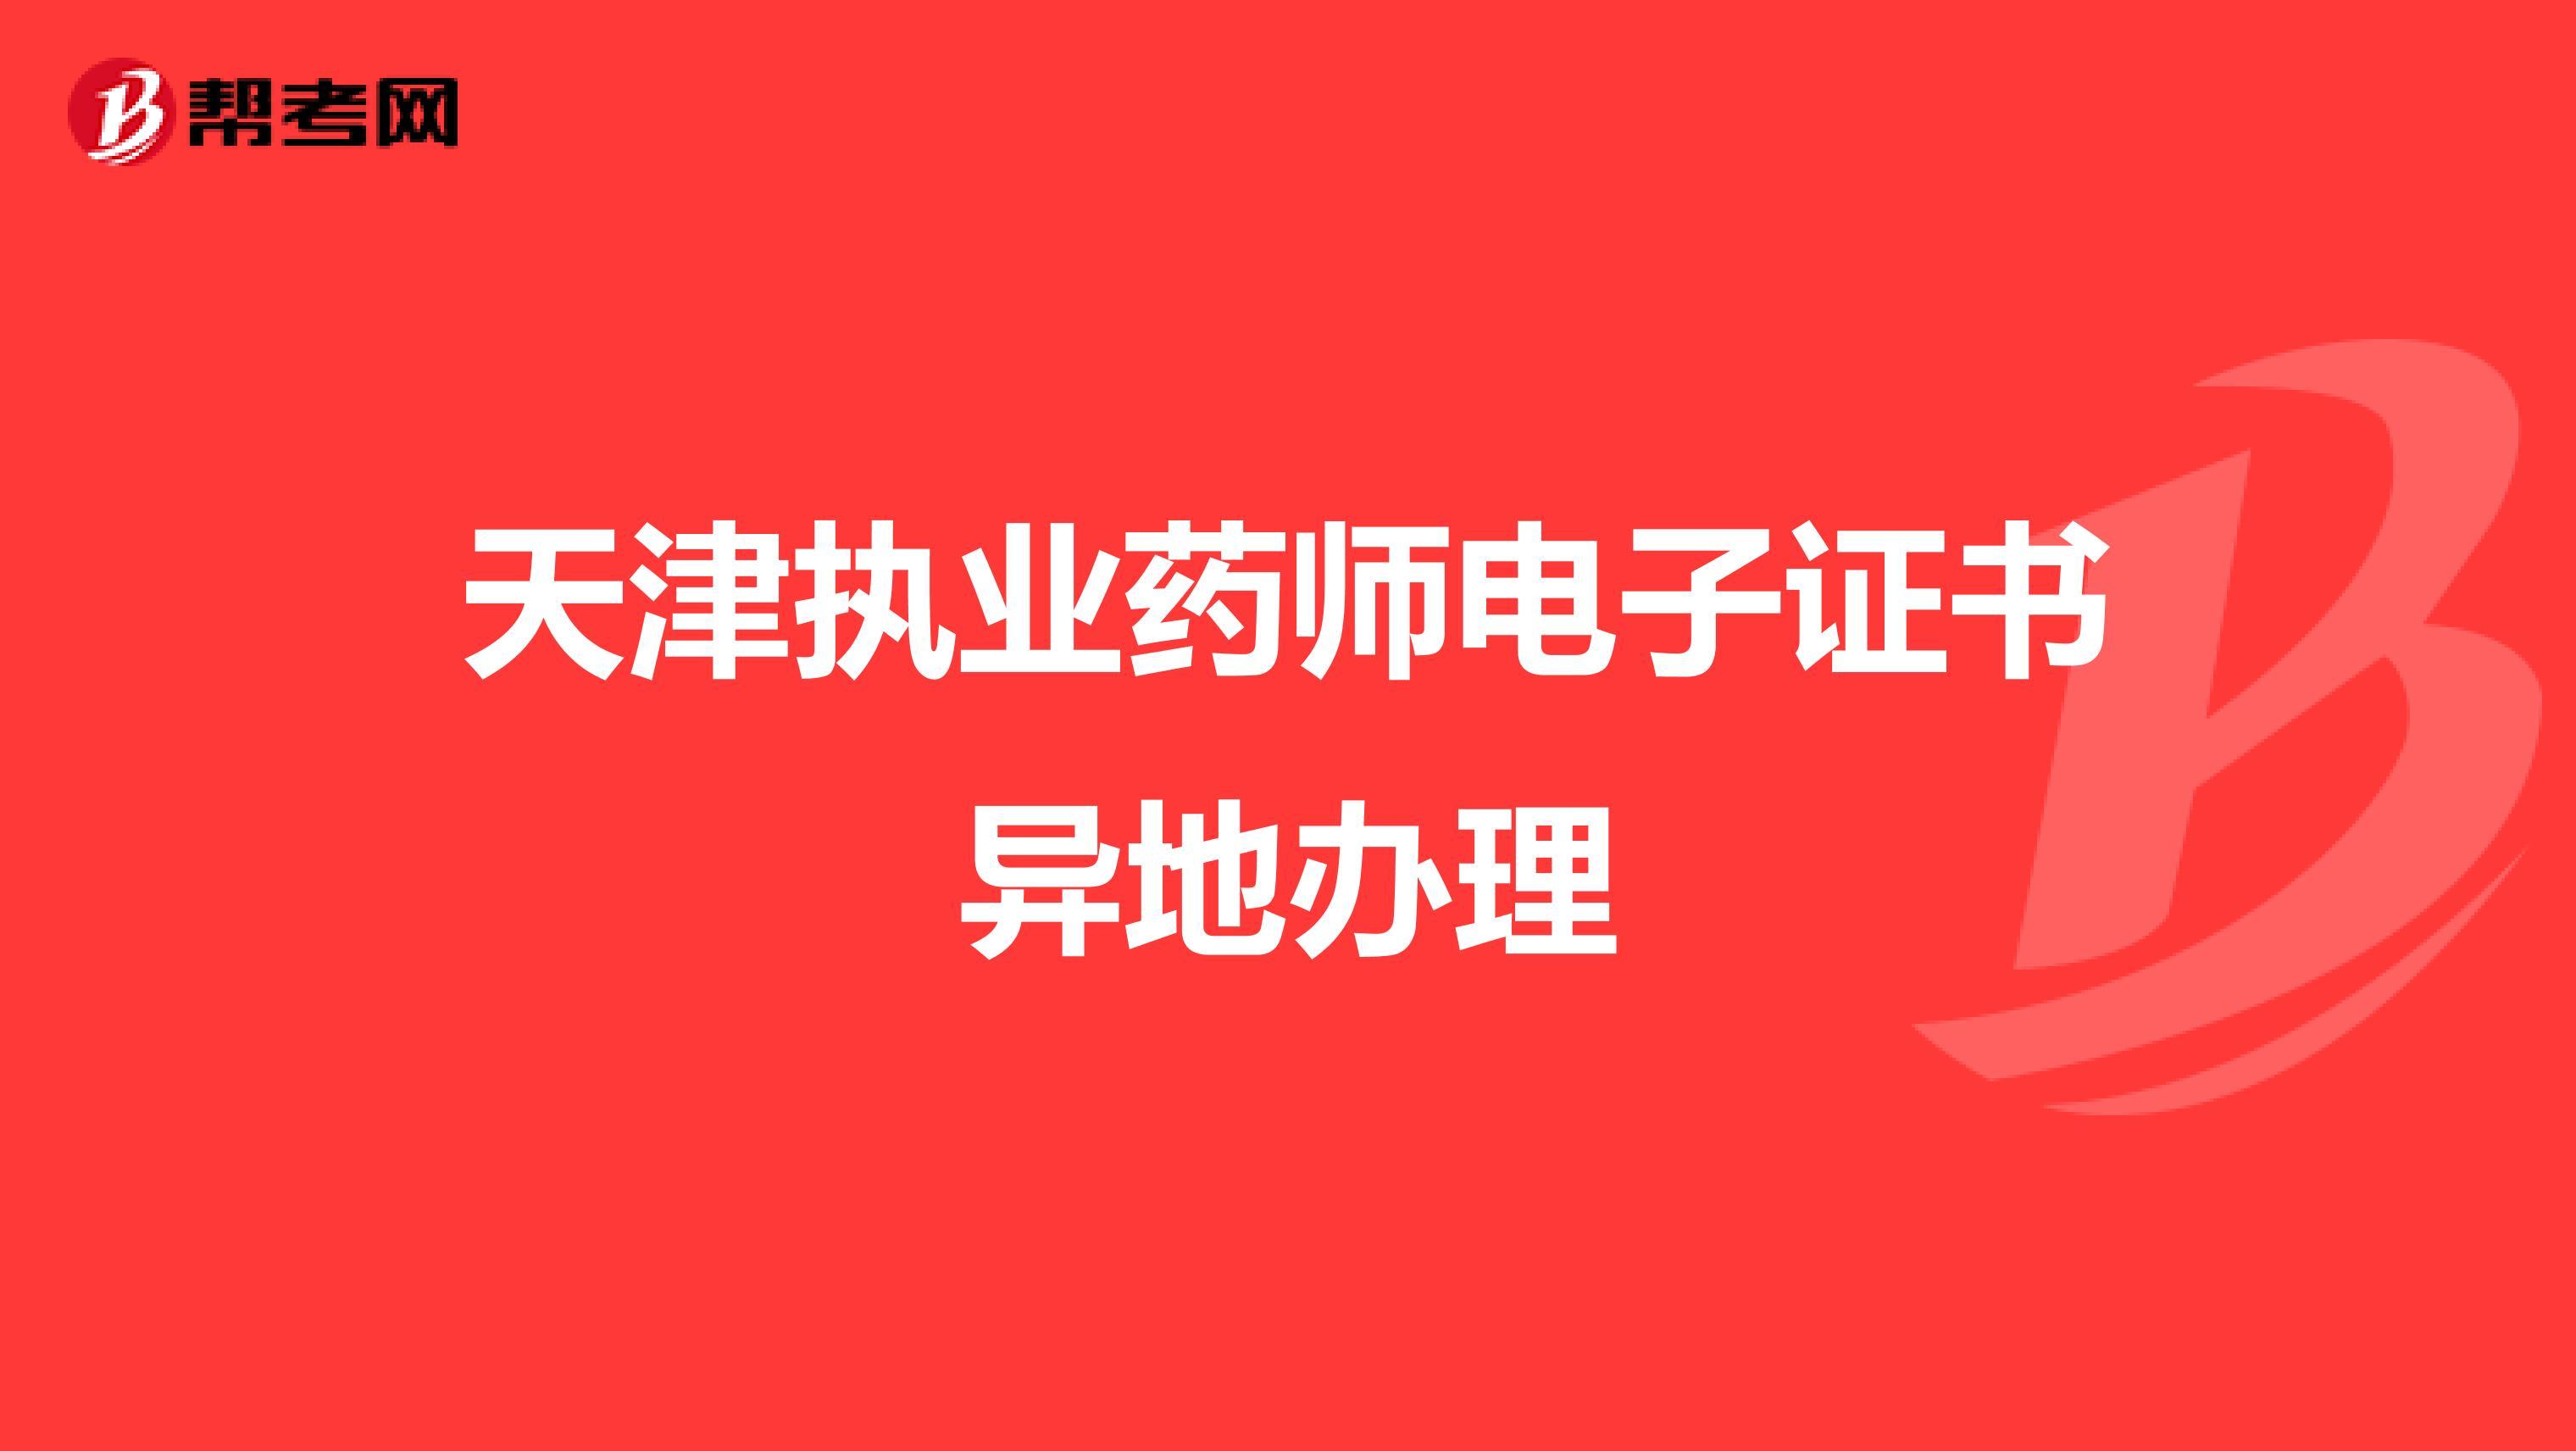 天津执业药师电子证书异地办理